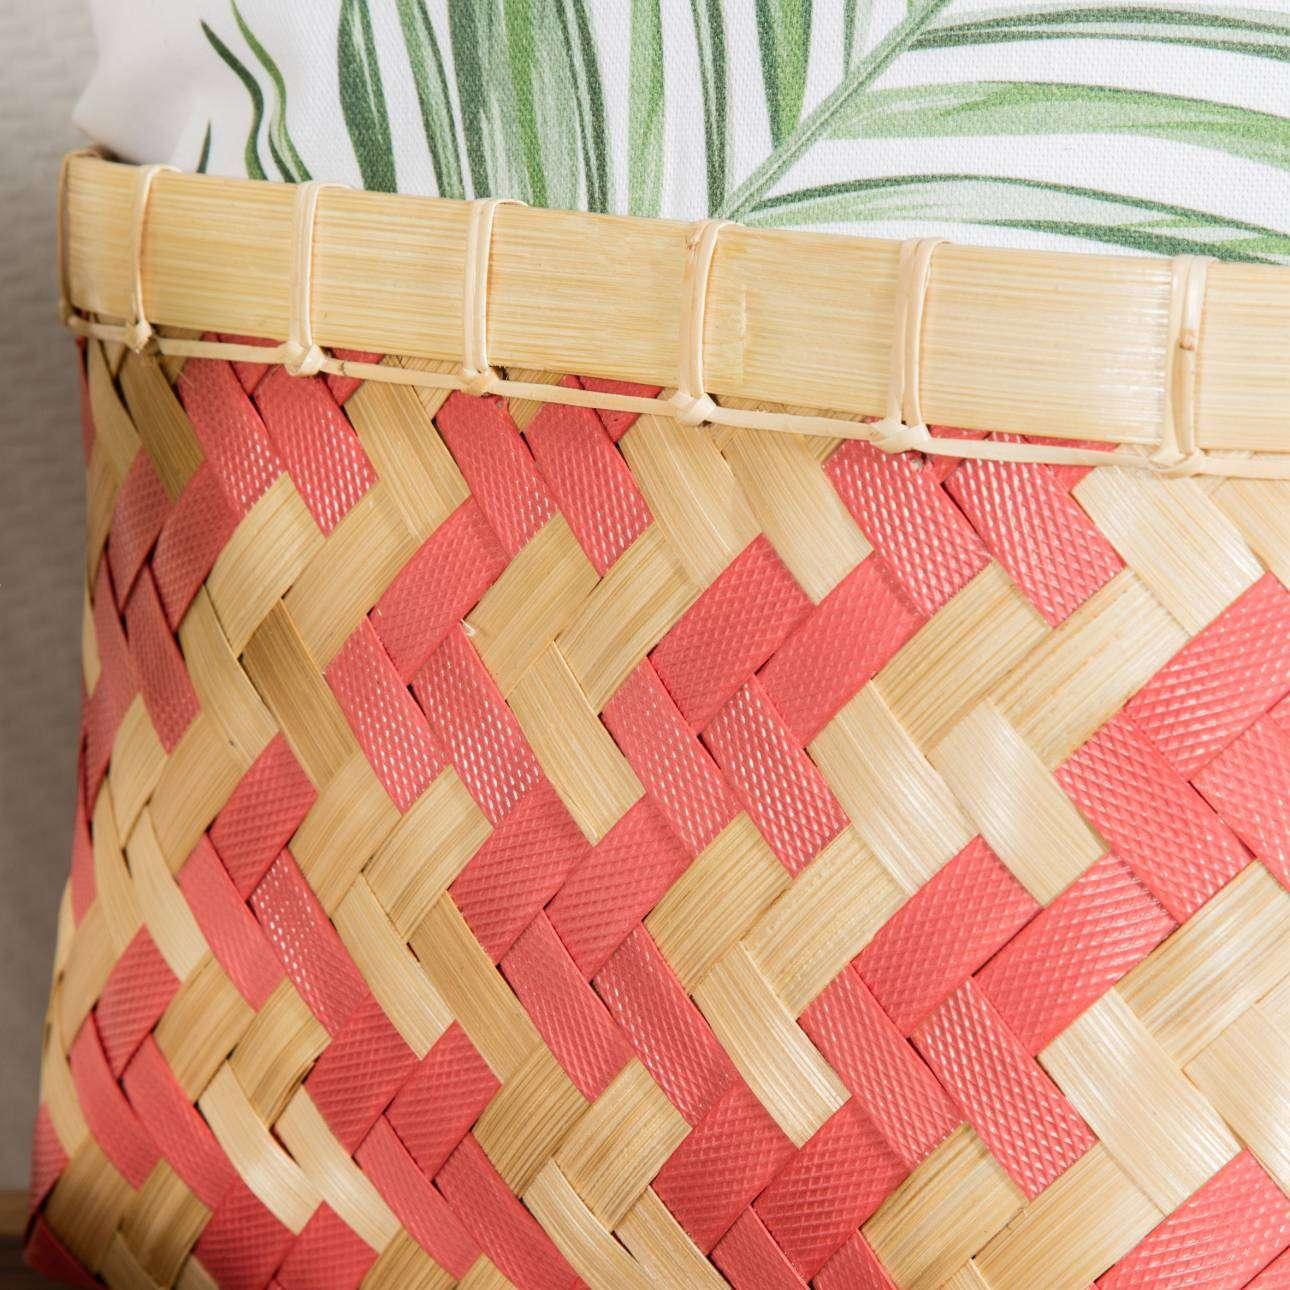 Kosz Stripes 33x24x19,5cm 33x24x20cm